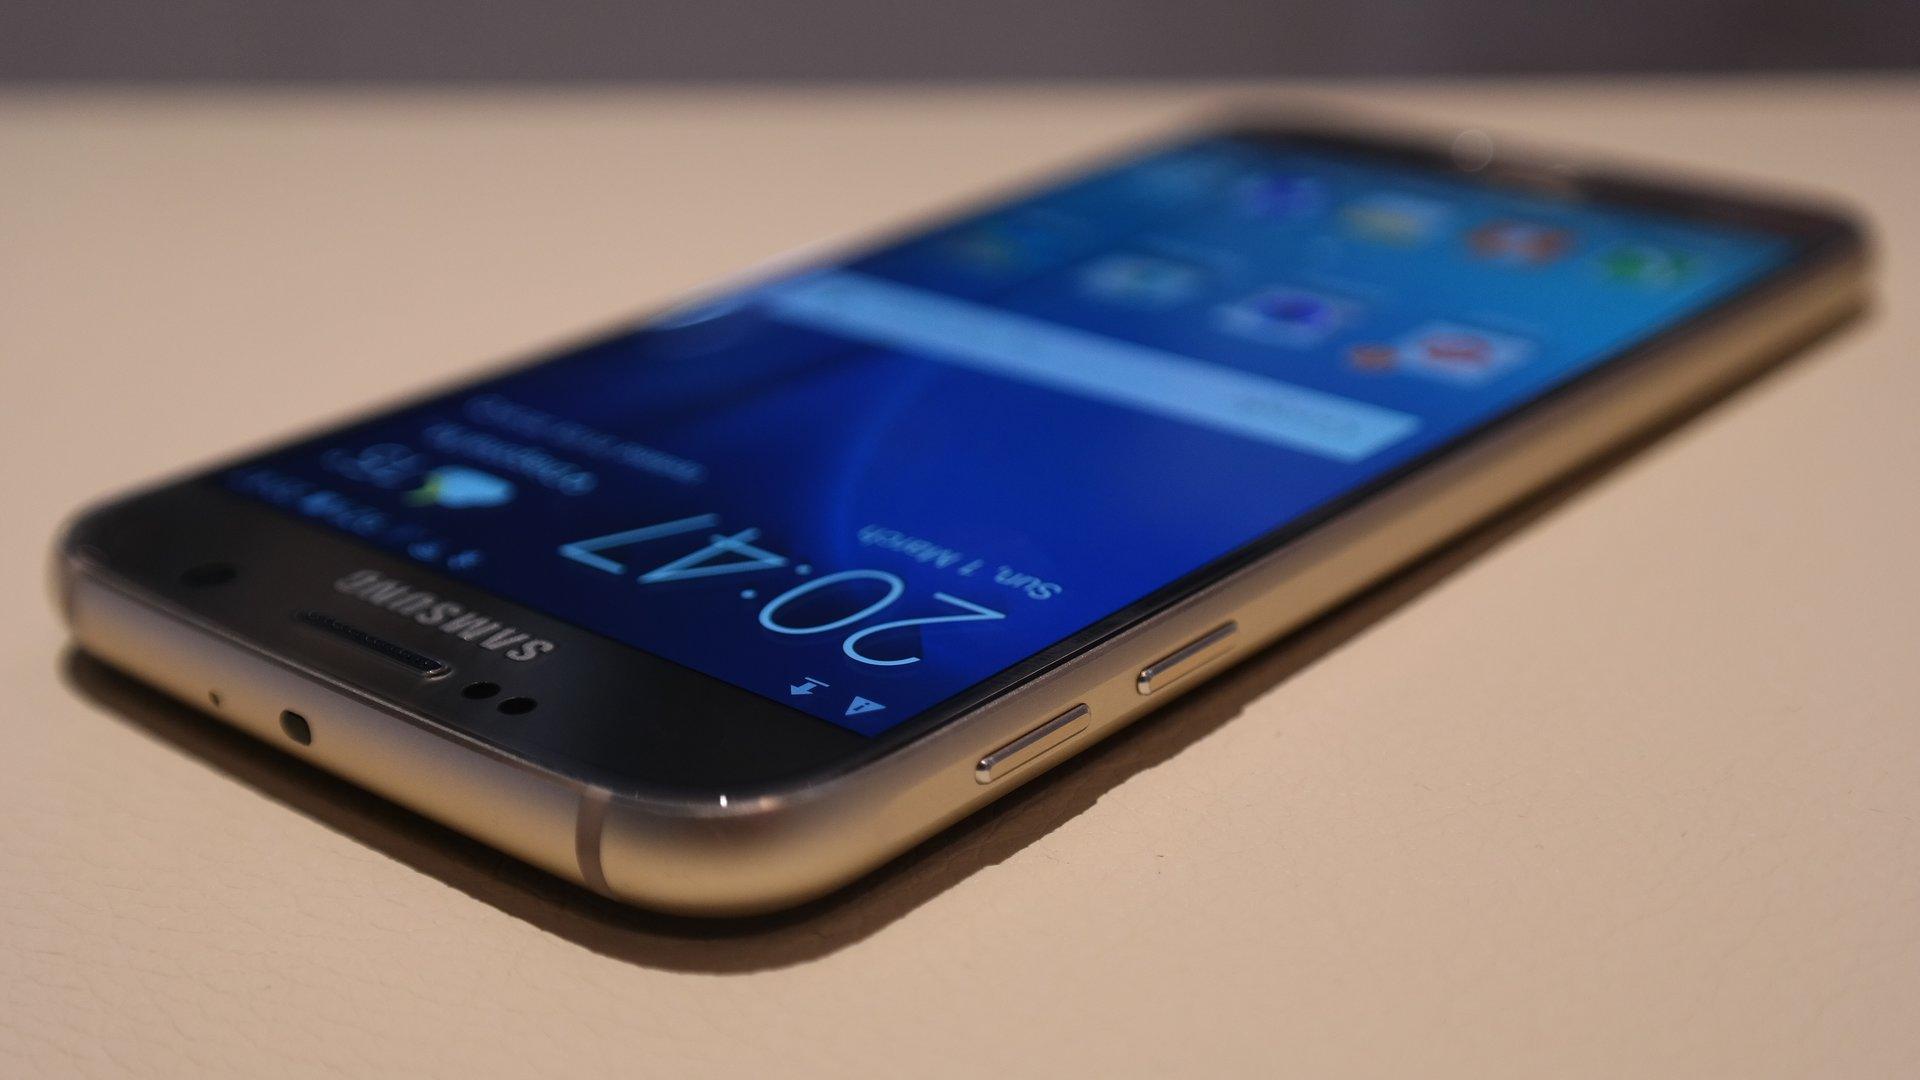 Samsung galaxy s6 - Bildergalerie Samsung Galaxy S6 1 Von 8 Bildern 000